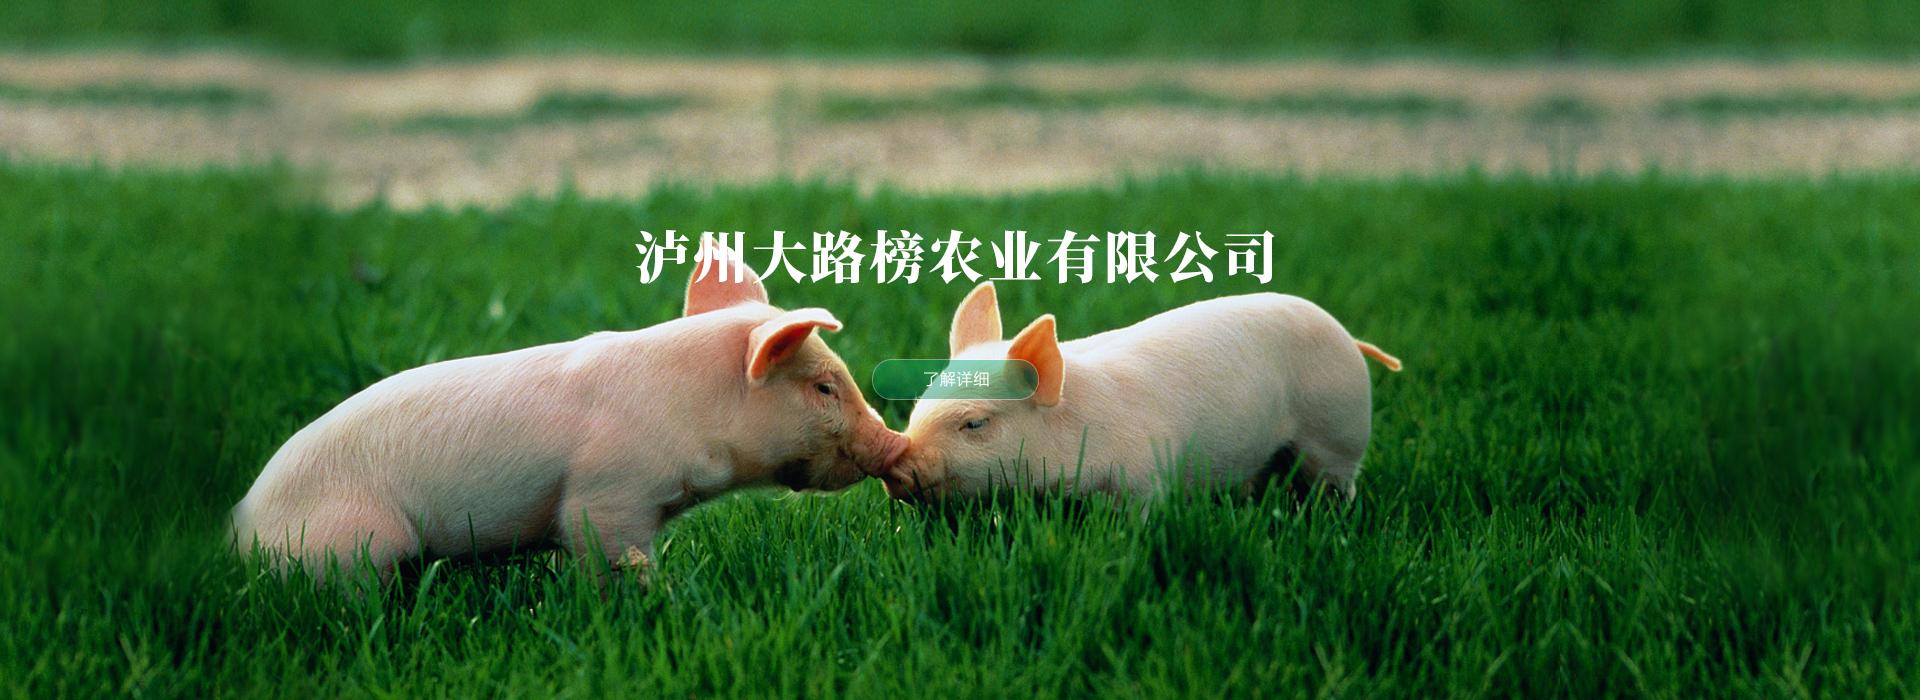 泸州土猪养殖